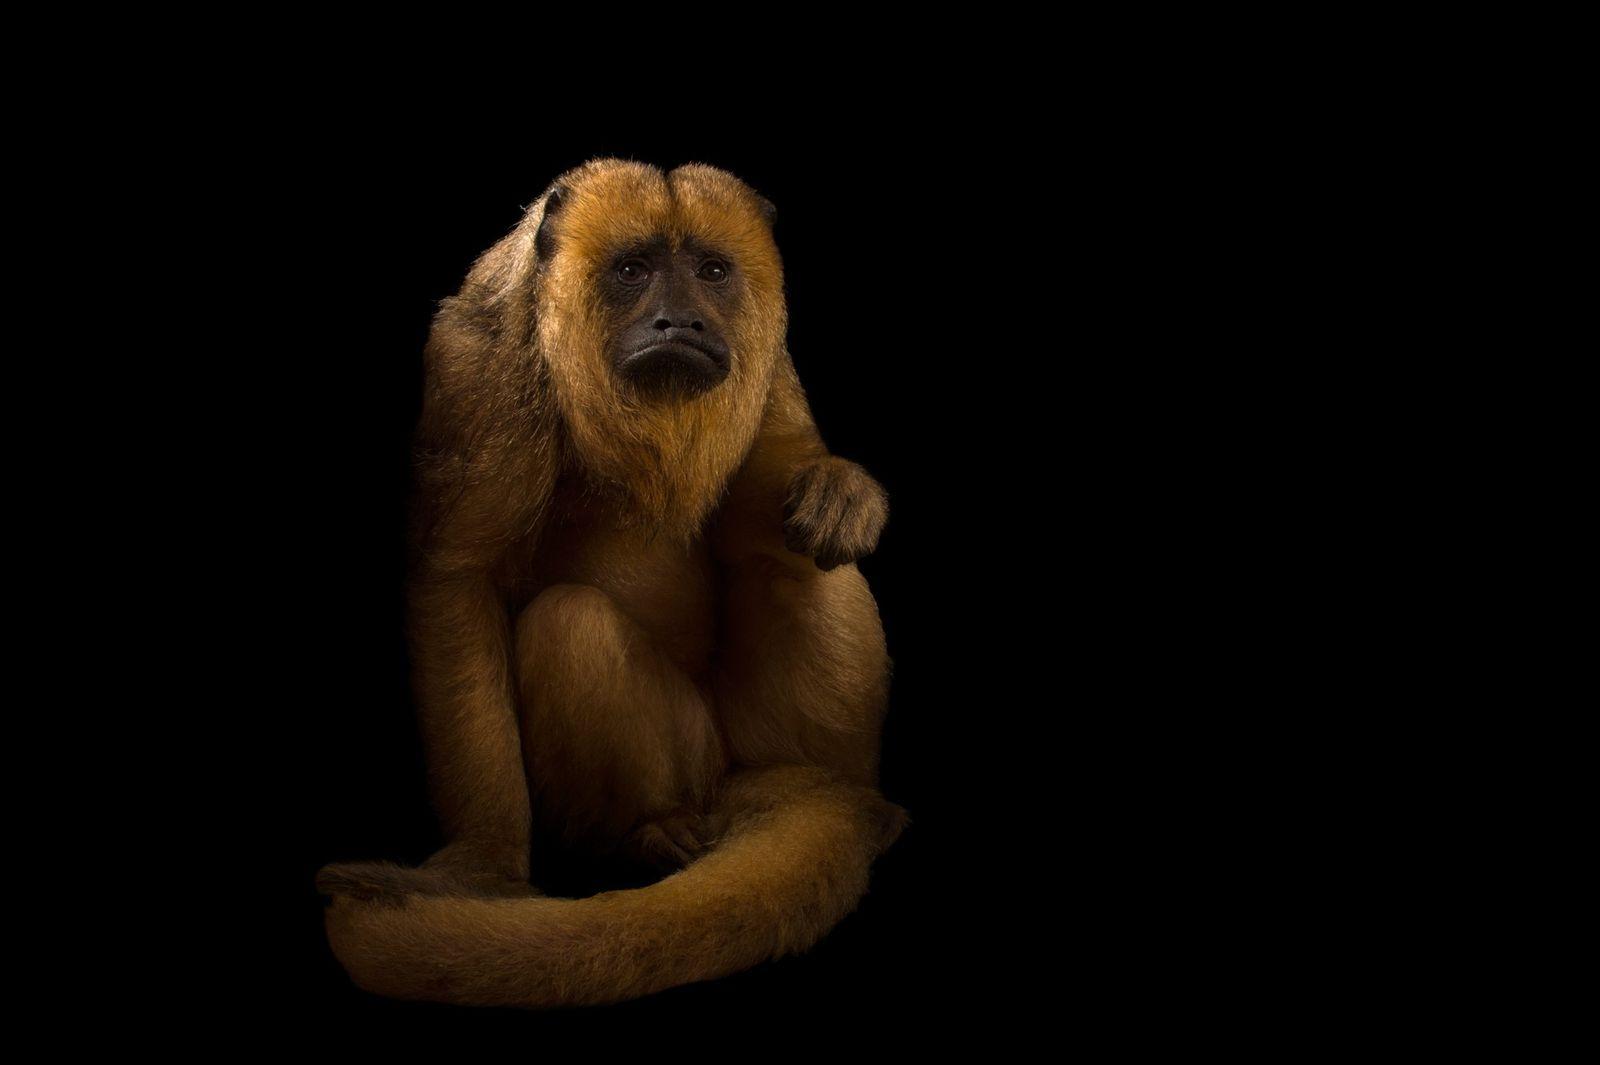 Fotos: confira a exuberância de 10 animais encontrados no Cerrado